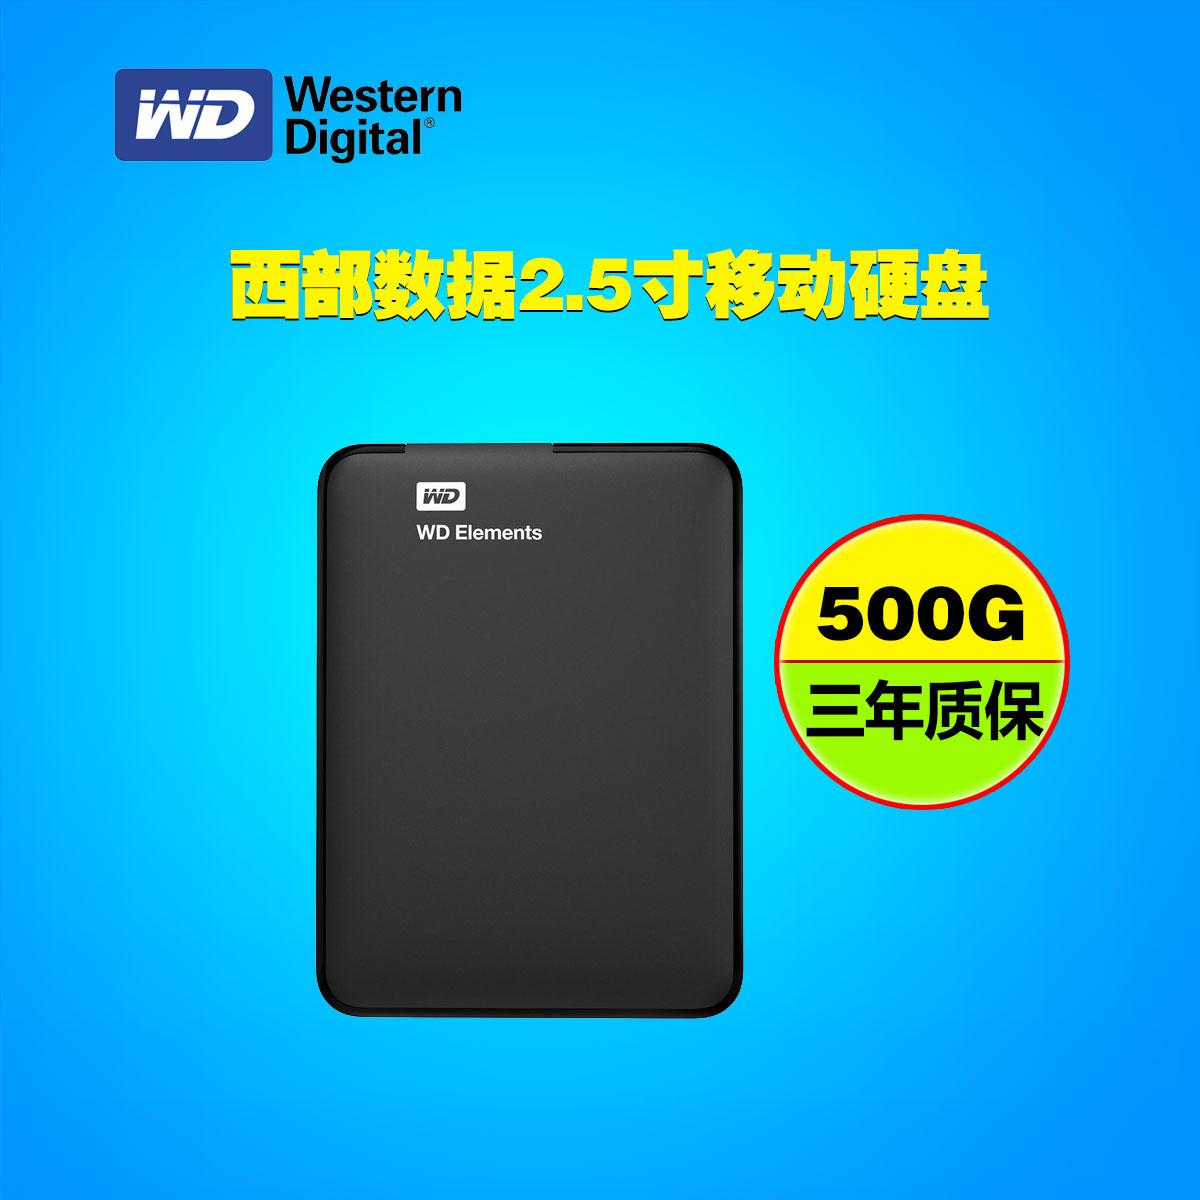 /WDElements elemente der westlichen Daten 2,5 - Zoll - festplatte 500G/1T/2T usb3.0